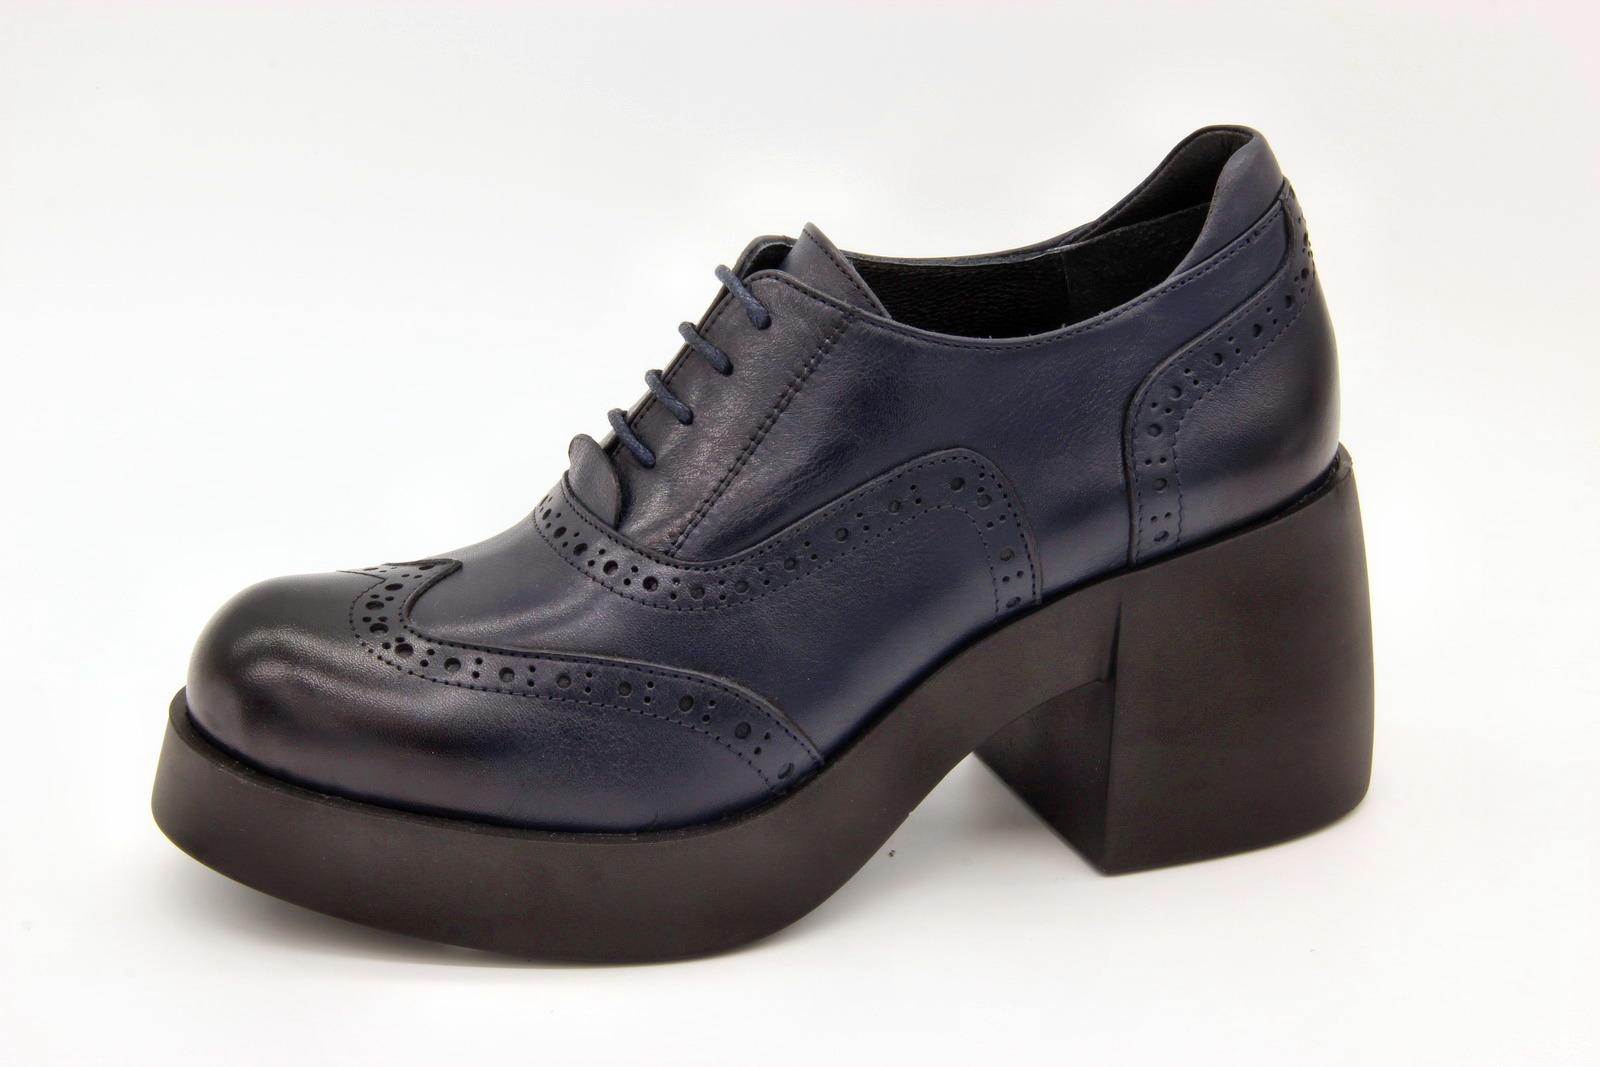 Kışlık bayan ayakkabı modelleri